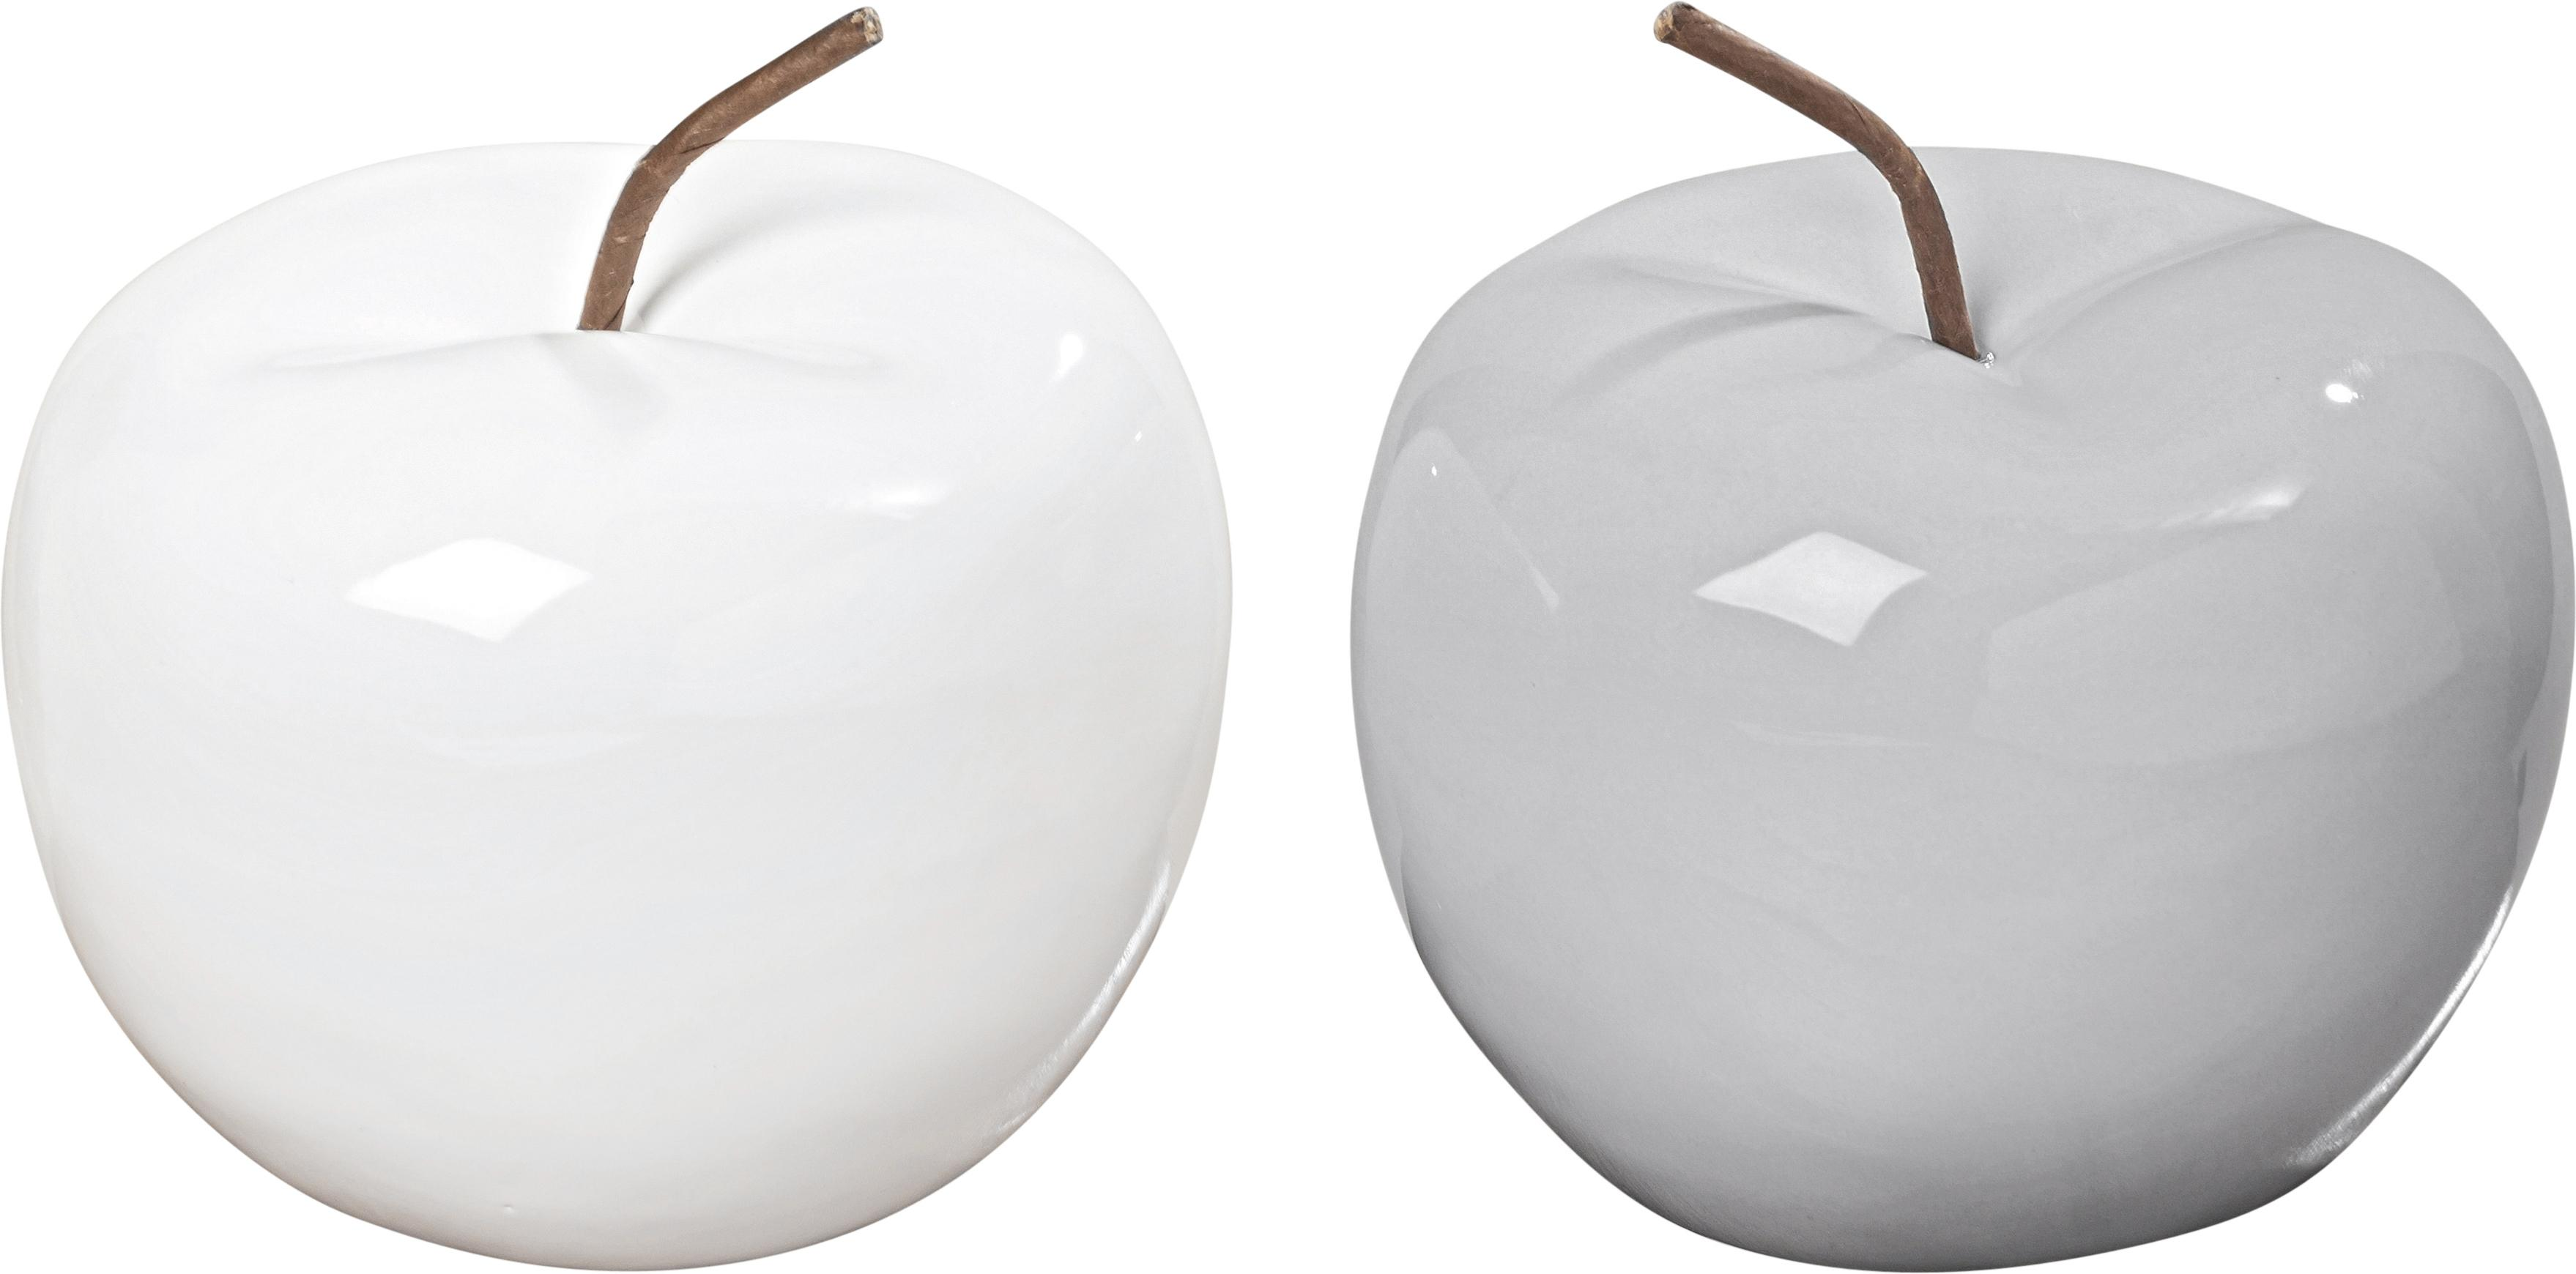 Manzanas decorativas Alvaro, 2uds., Gres, Blanco, marrón, Ø 13 x Al 12 cm